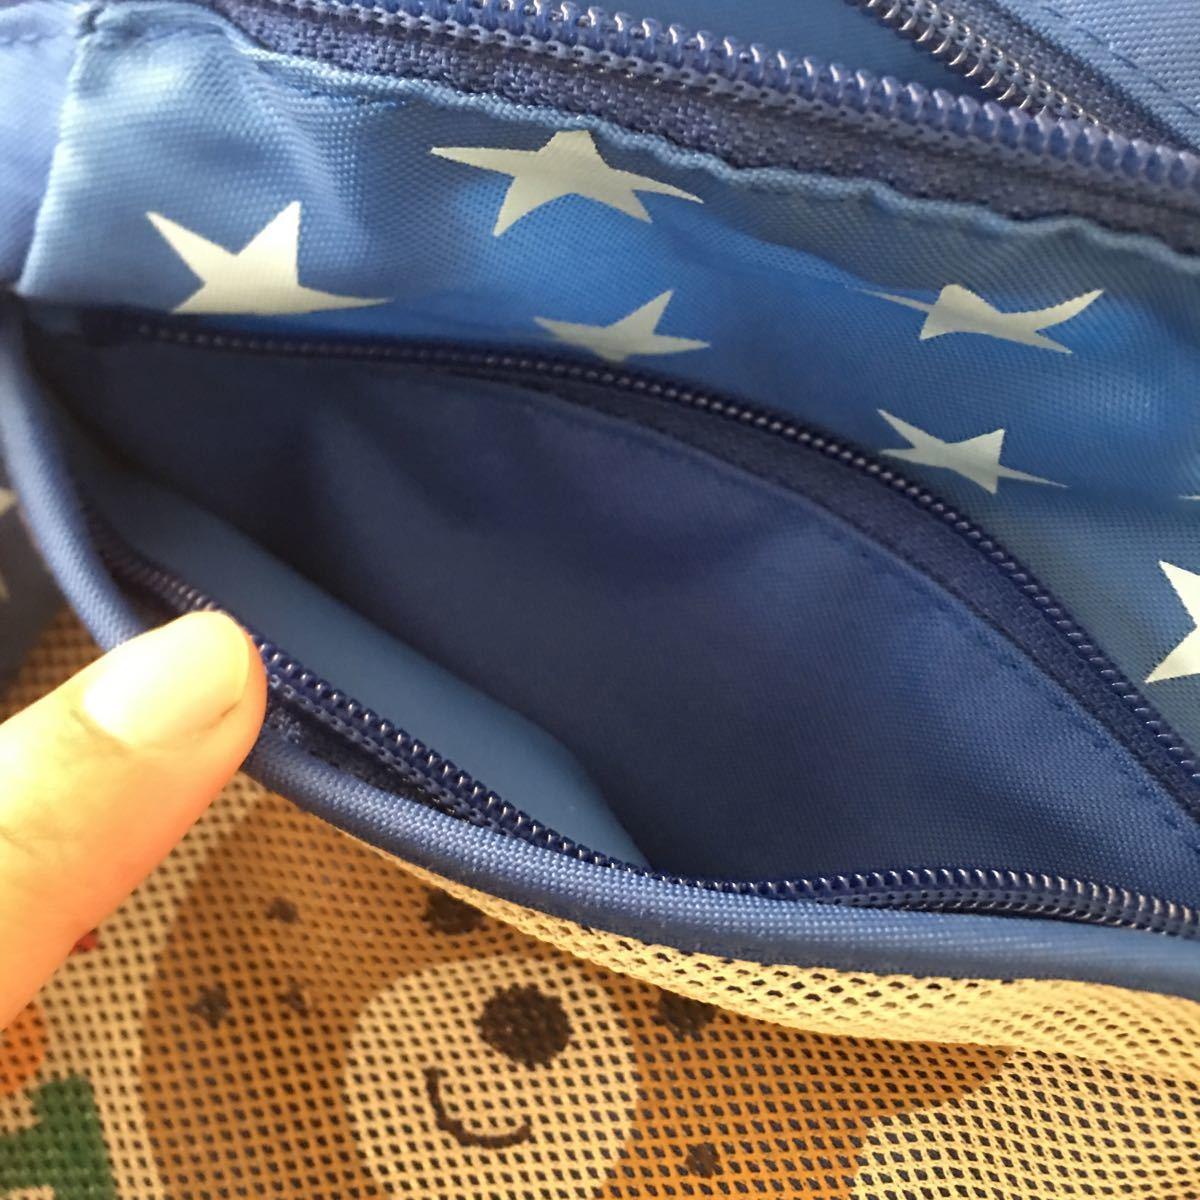 ミキハウス リュックサック 男の子 B級品 ホット ビスケッツ クマ 子供用 鞄 リュック_画像5